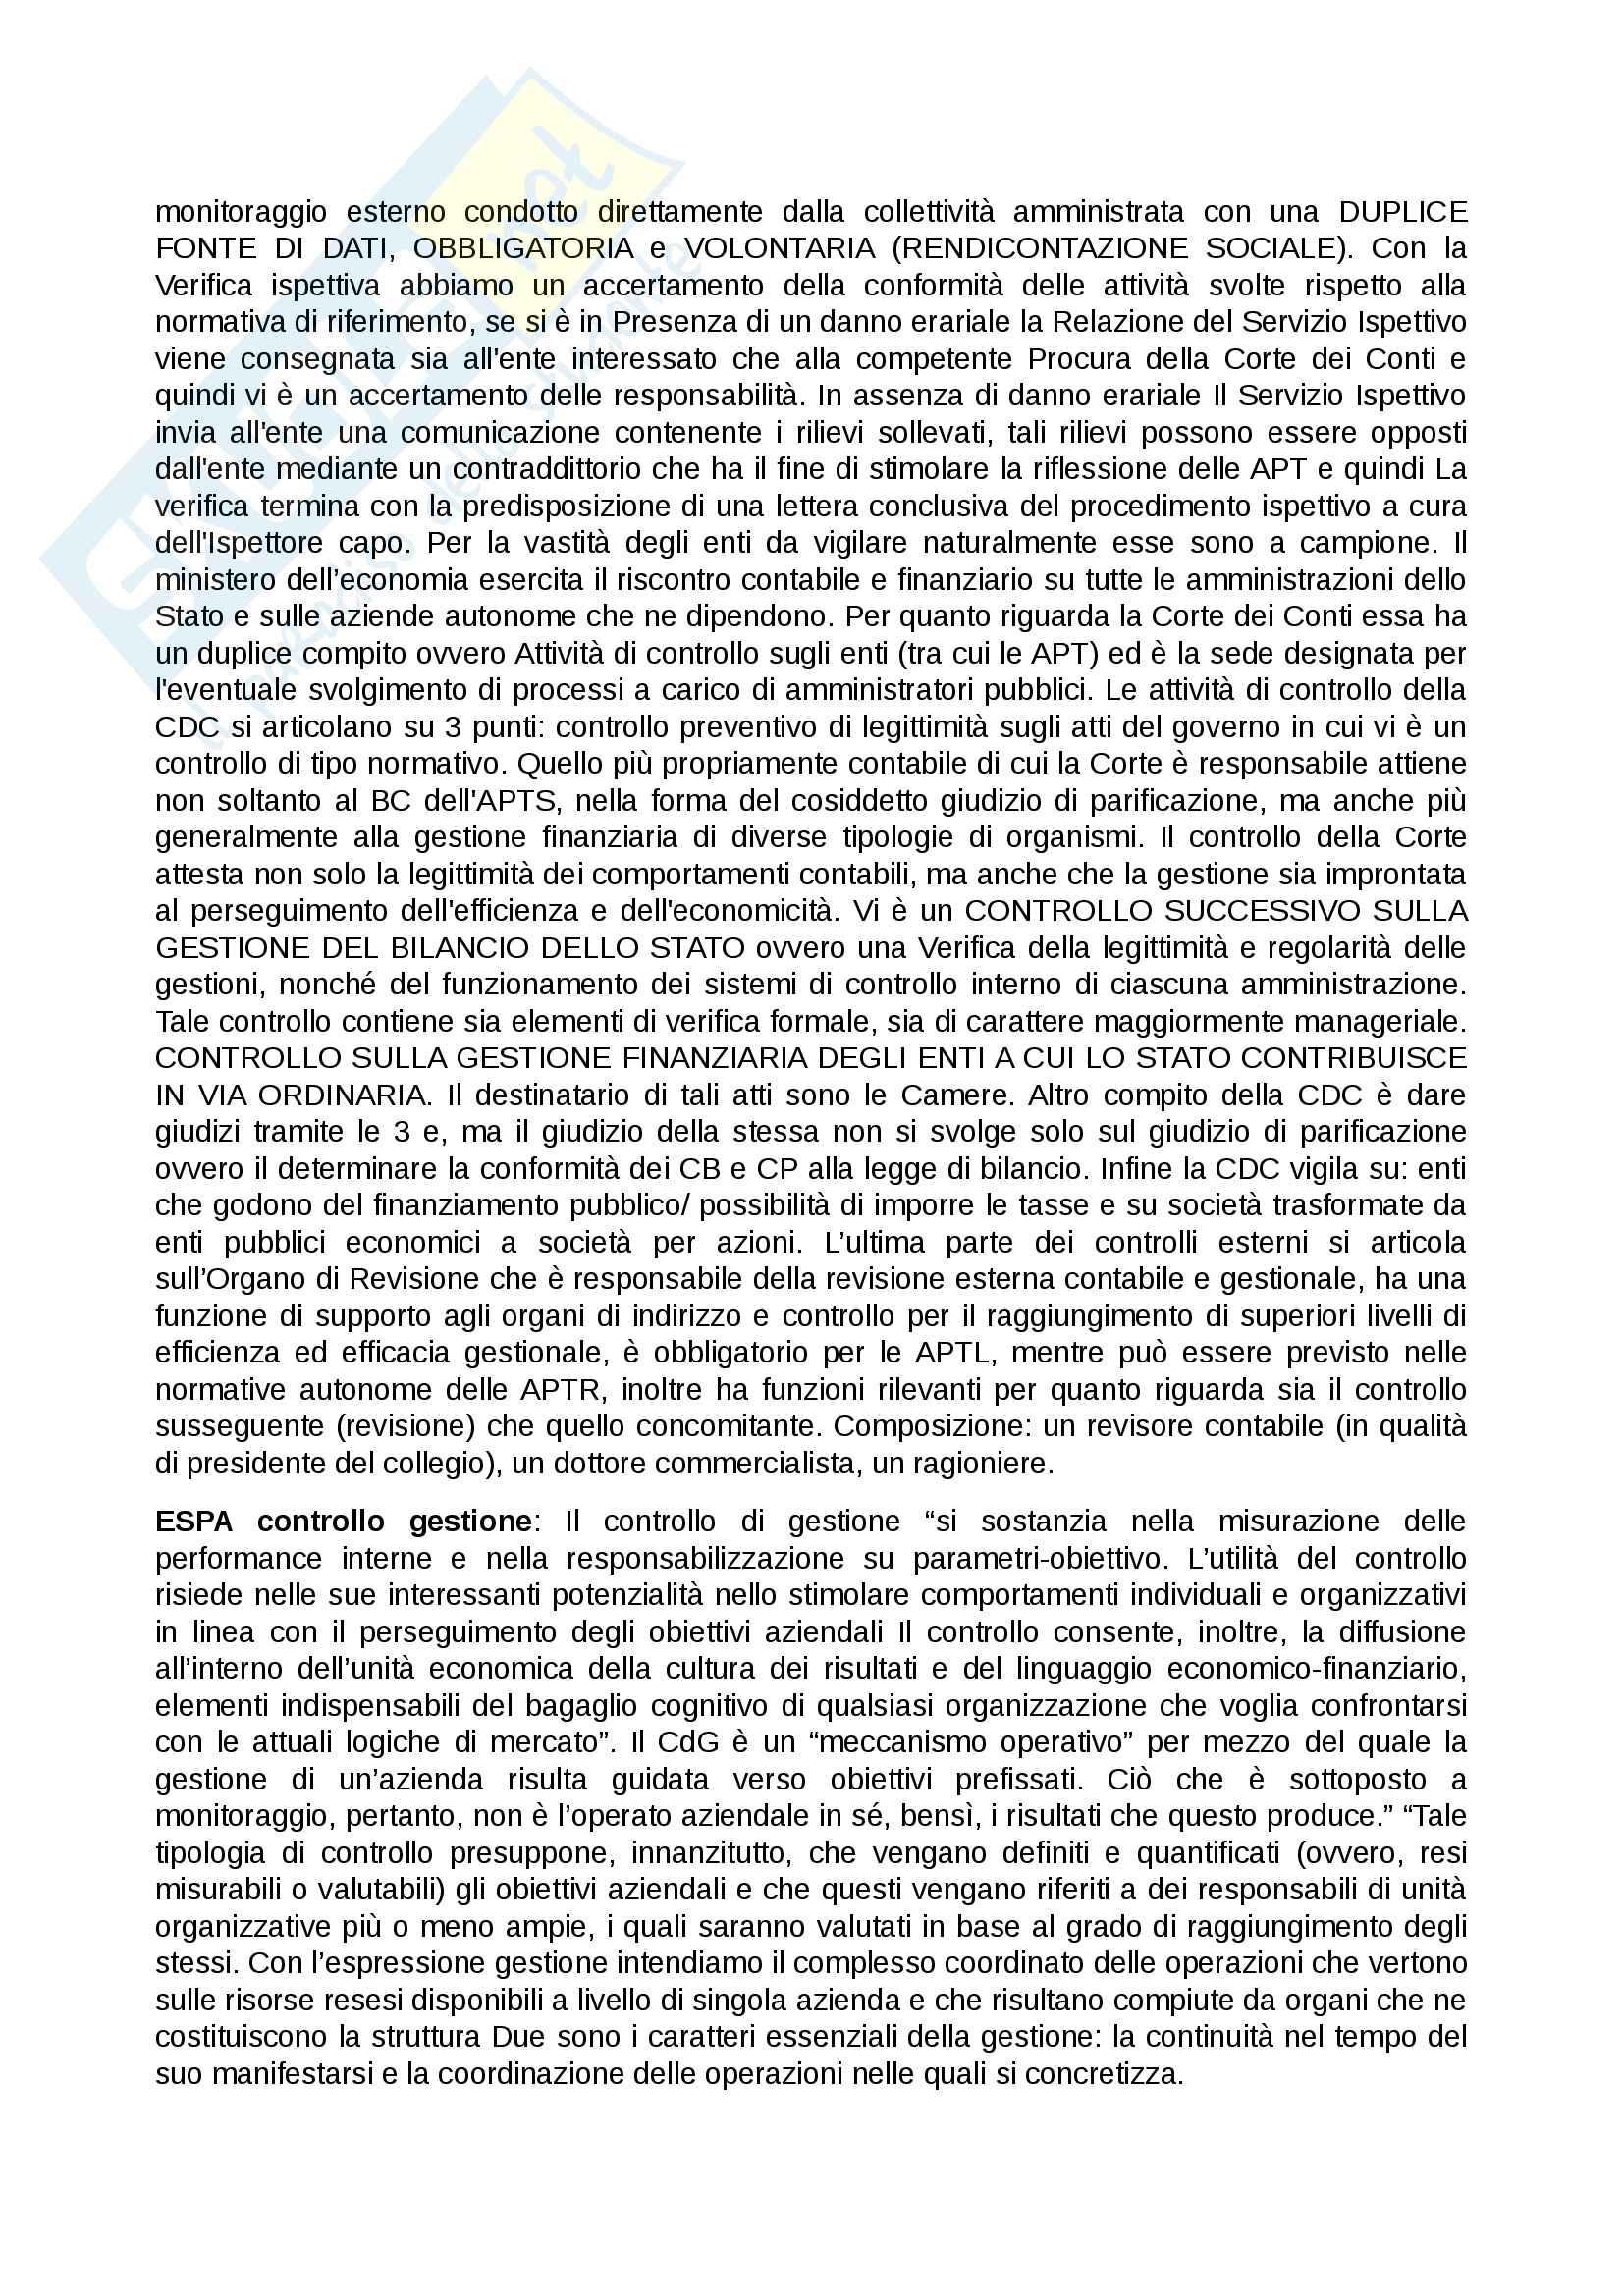 Public management Pag. 16